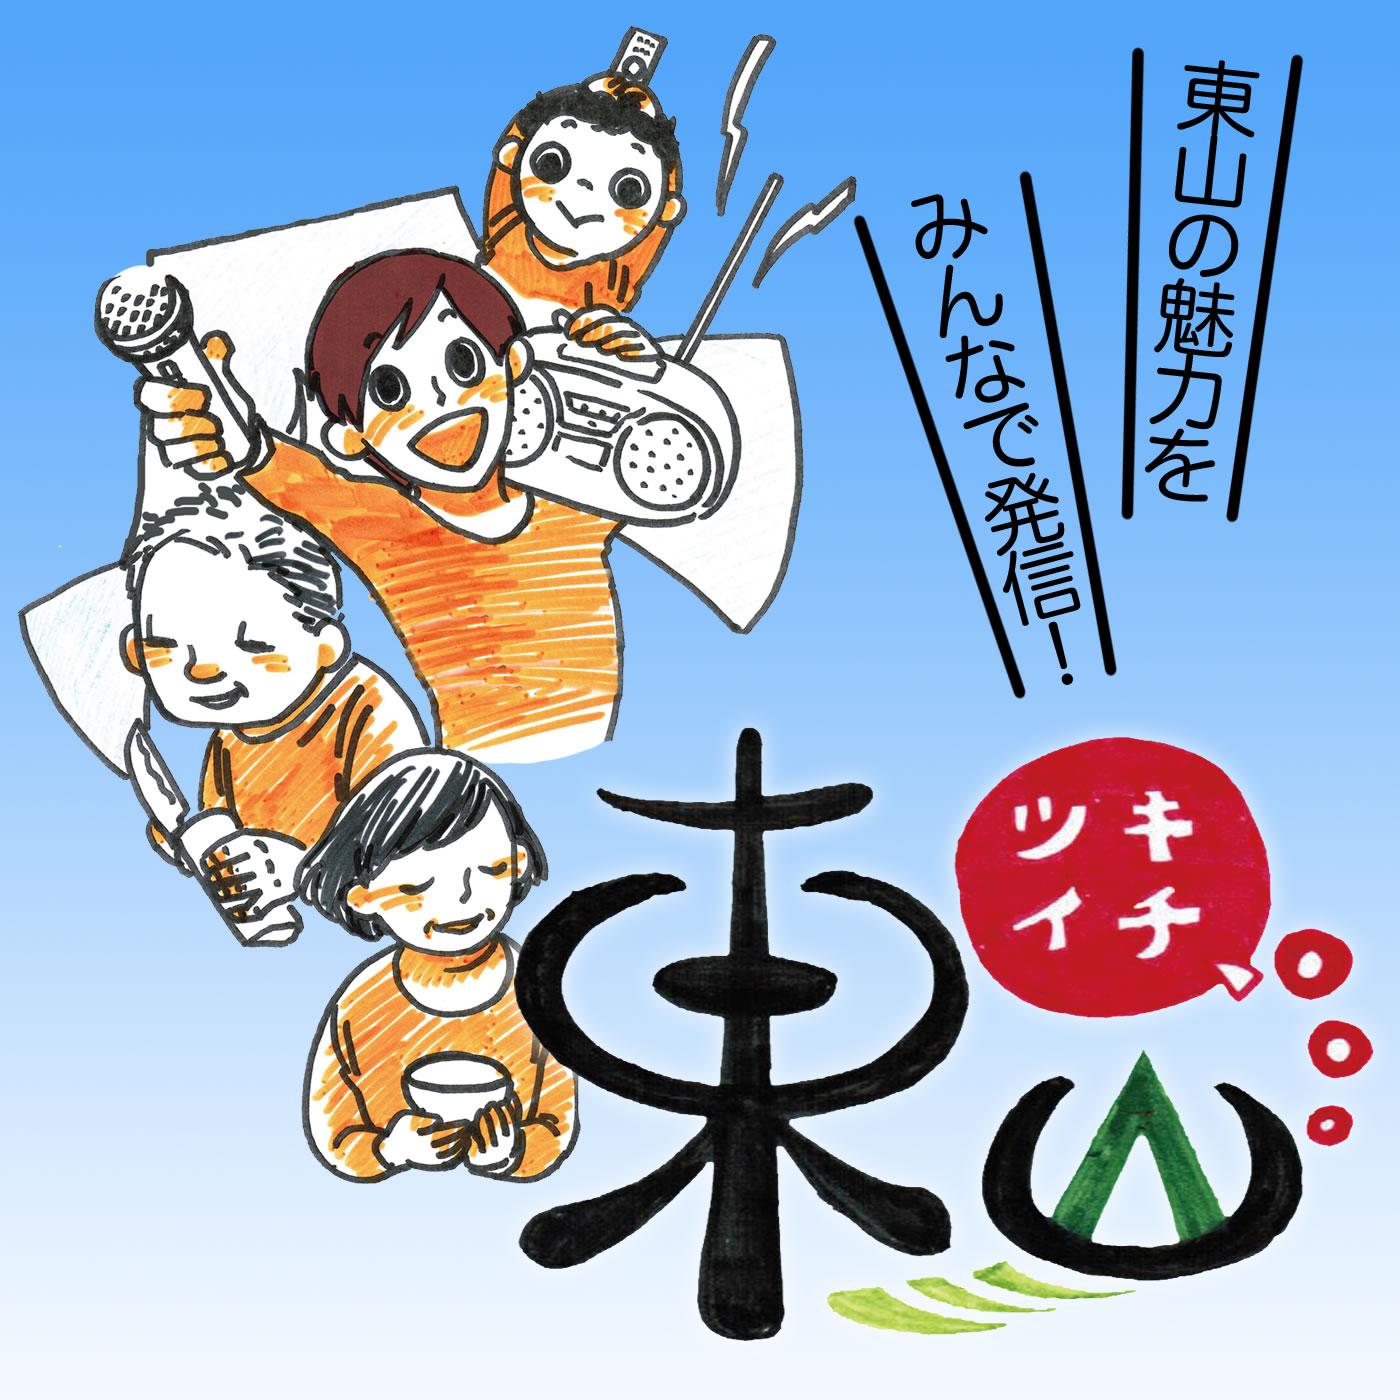 ツキイチ、東山 - FM79.7MHz京都三条ラジオカフェ:放送